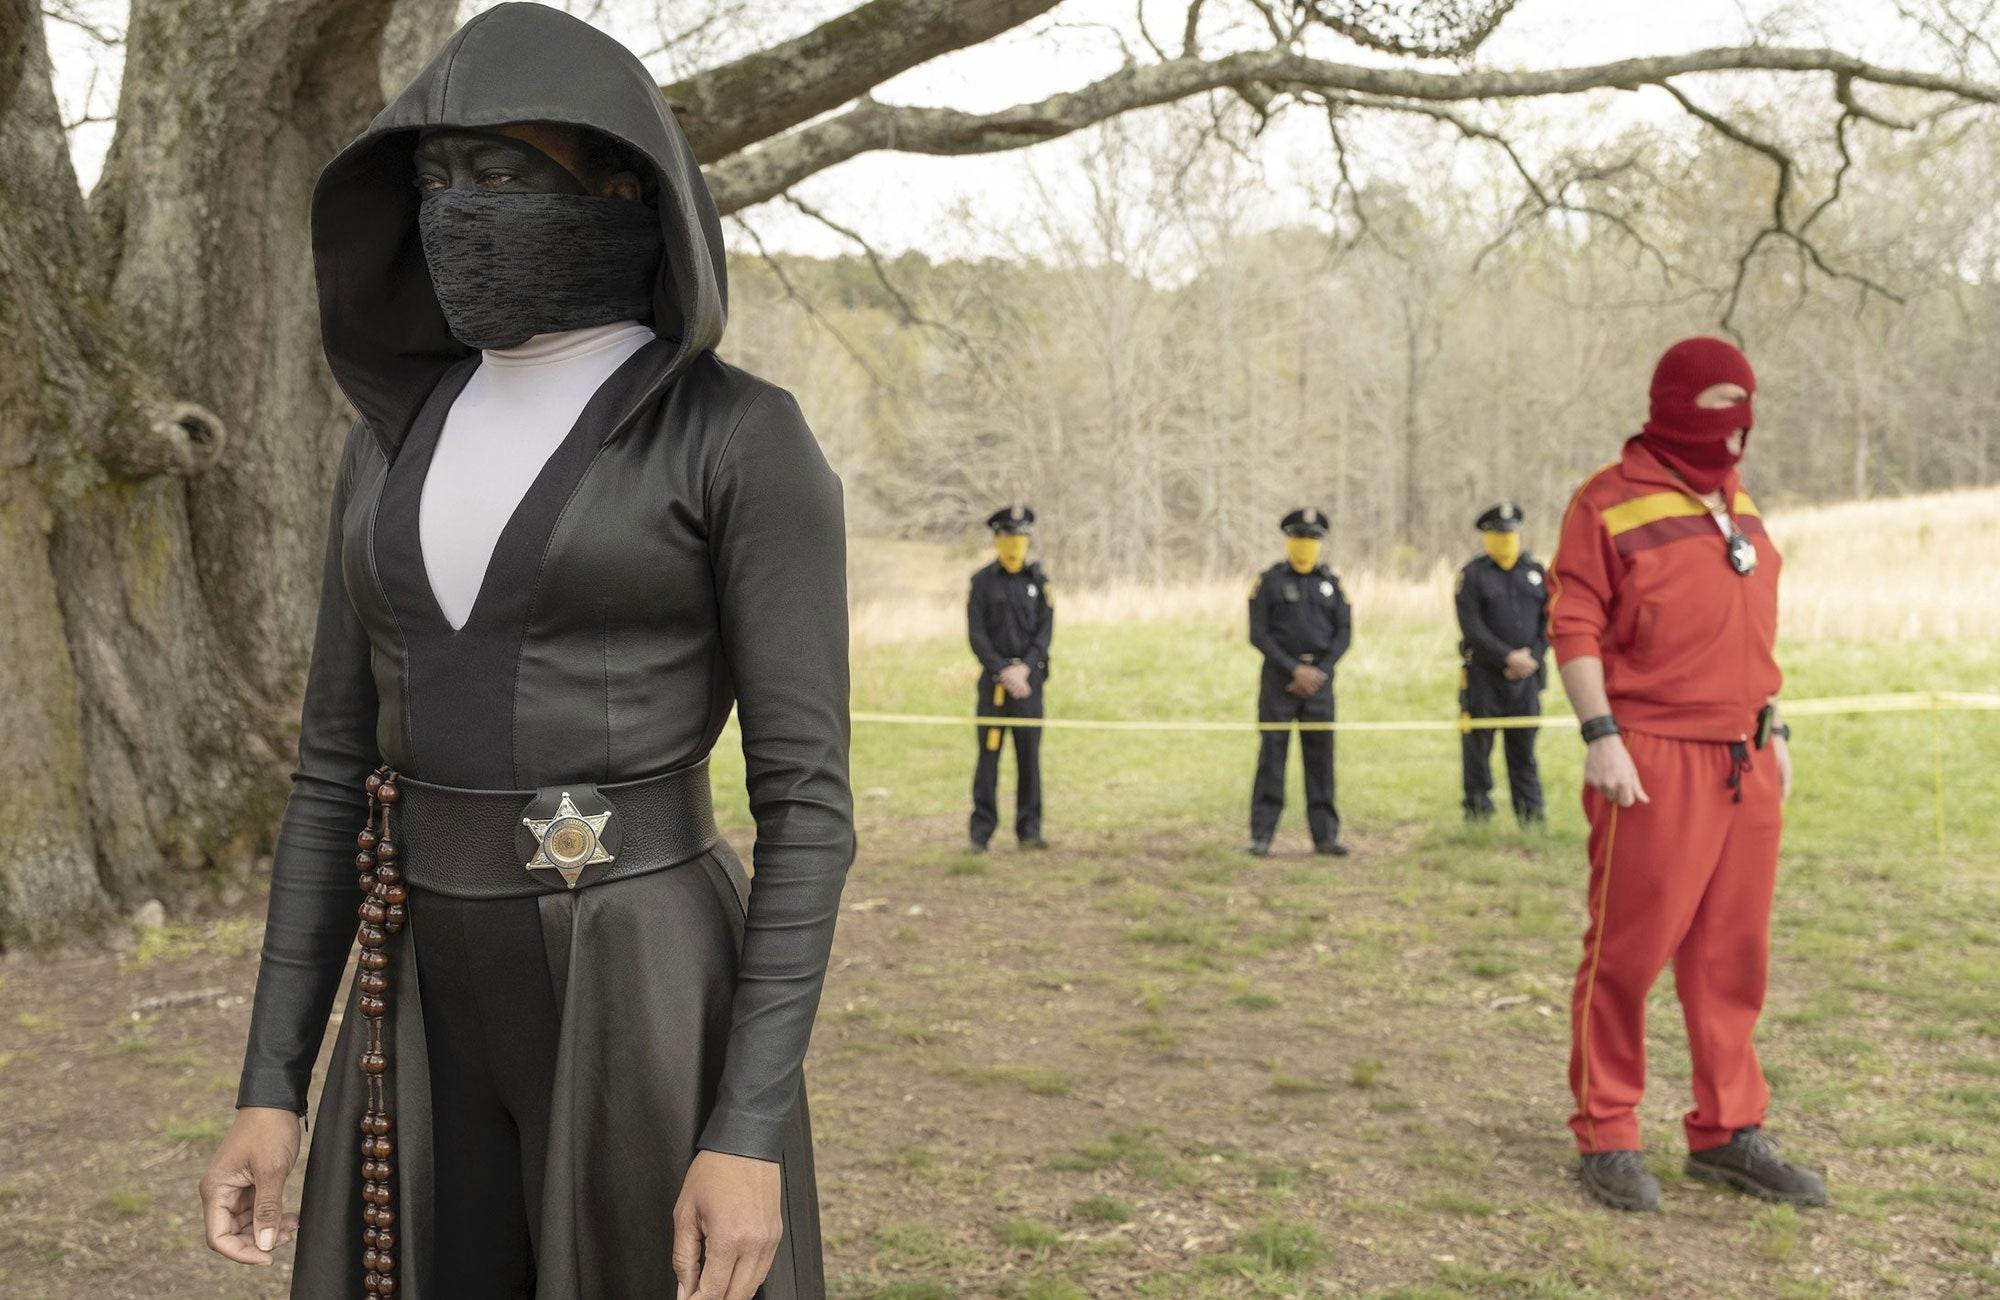 Watchmen Season 2 update